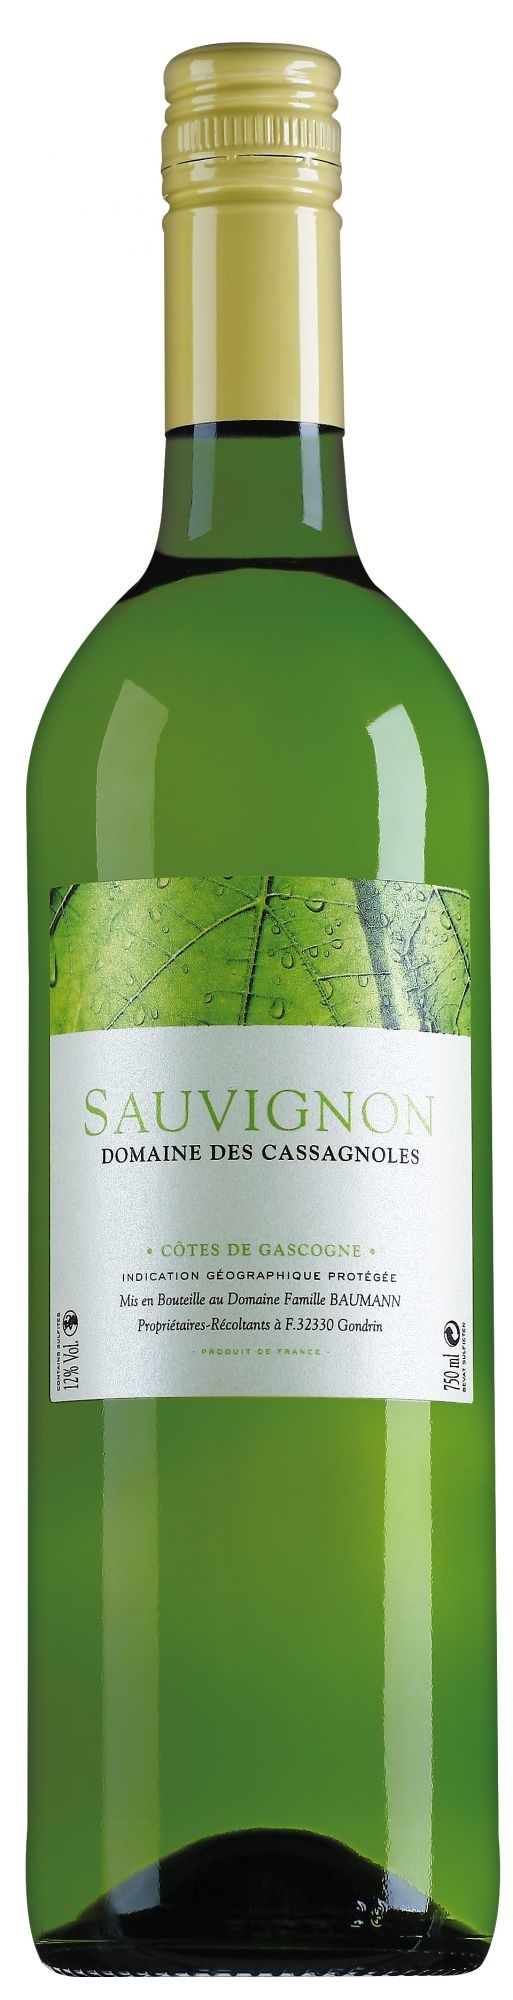 Domaine des Cassagnoles Gascogne Sauvignon Blanc 2020